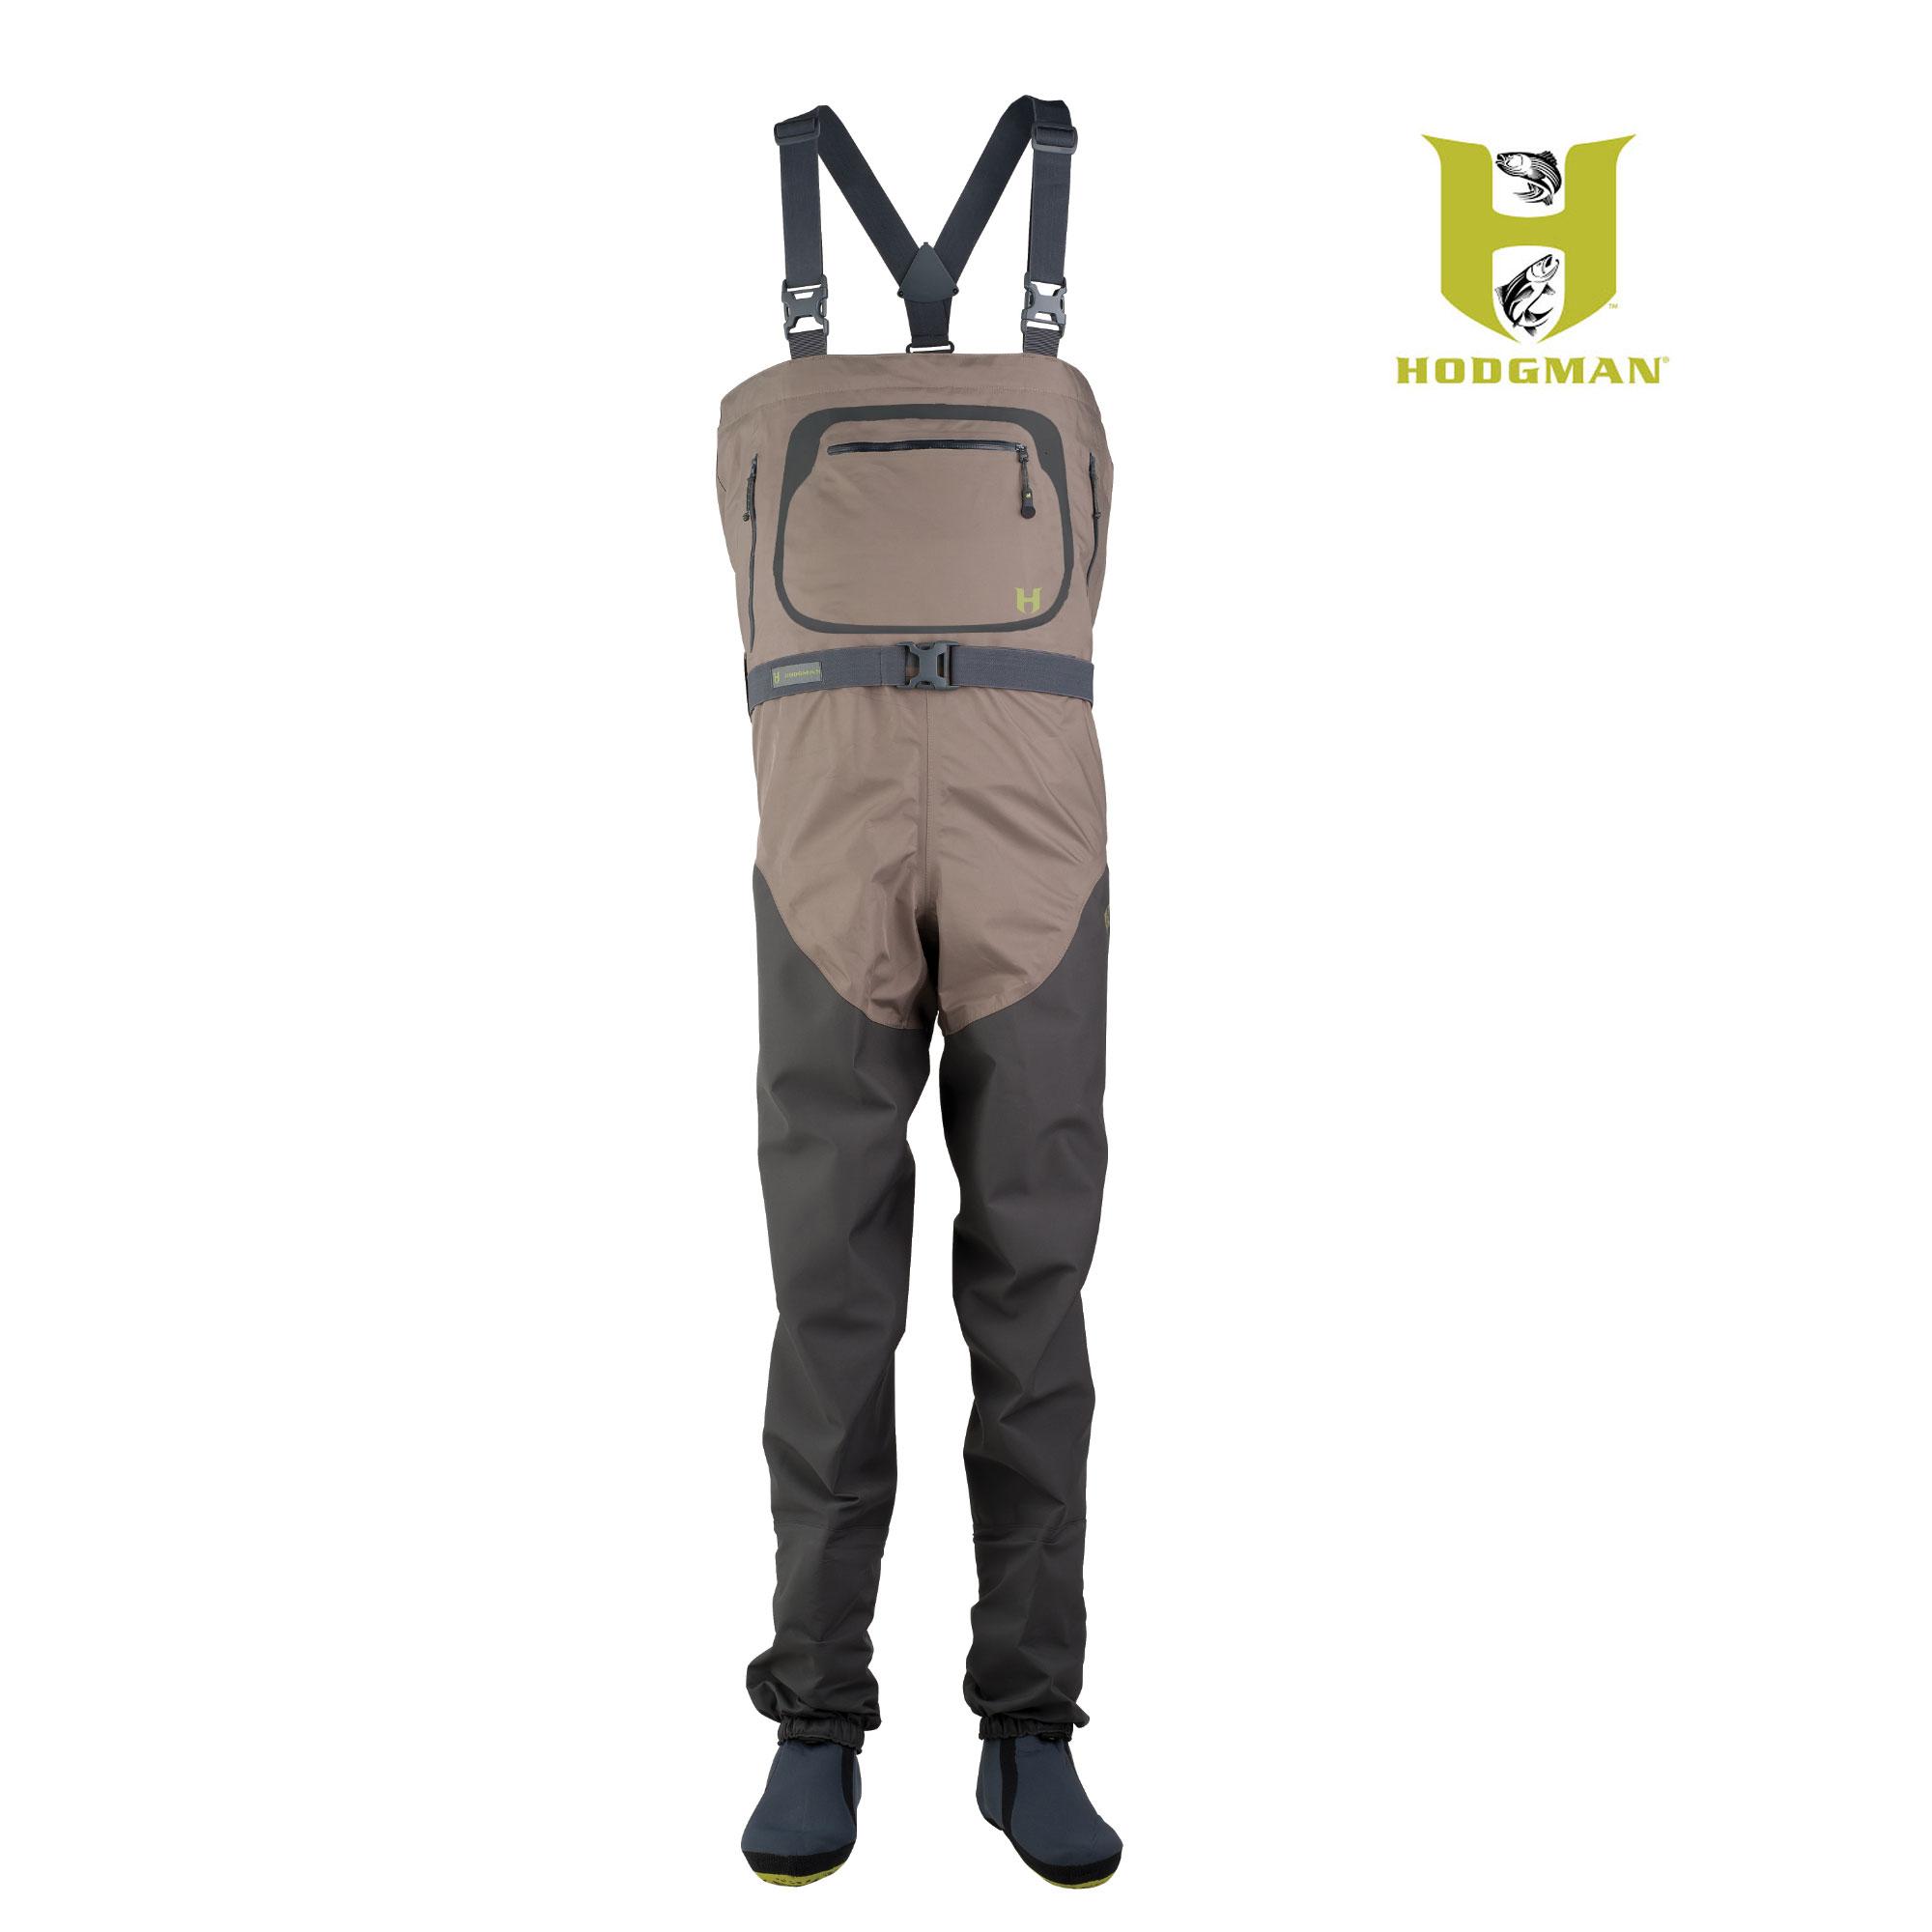 Hodgman H5 waist wader